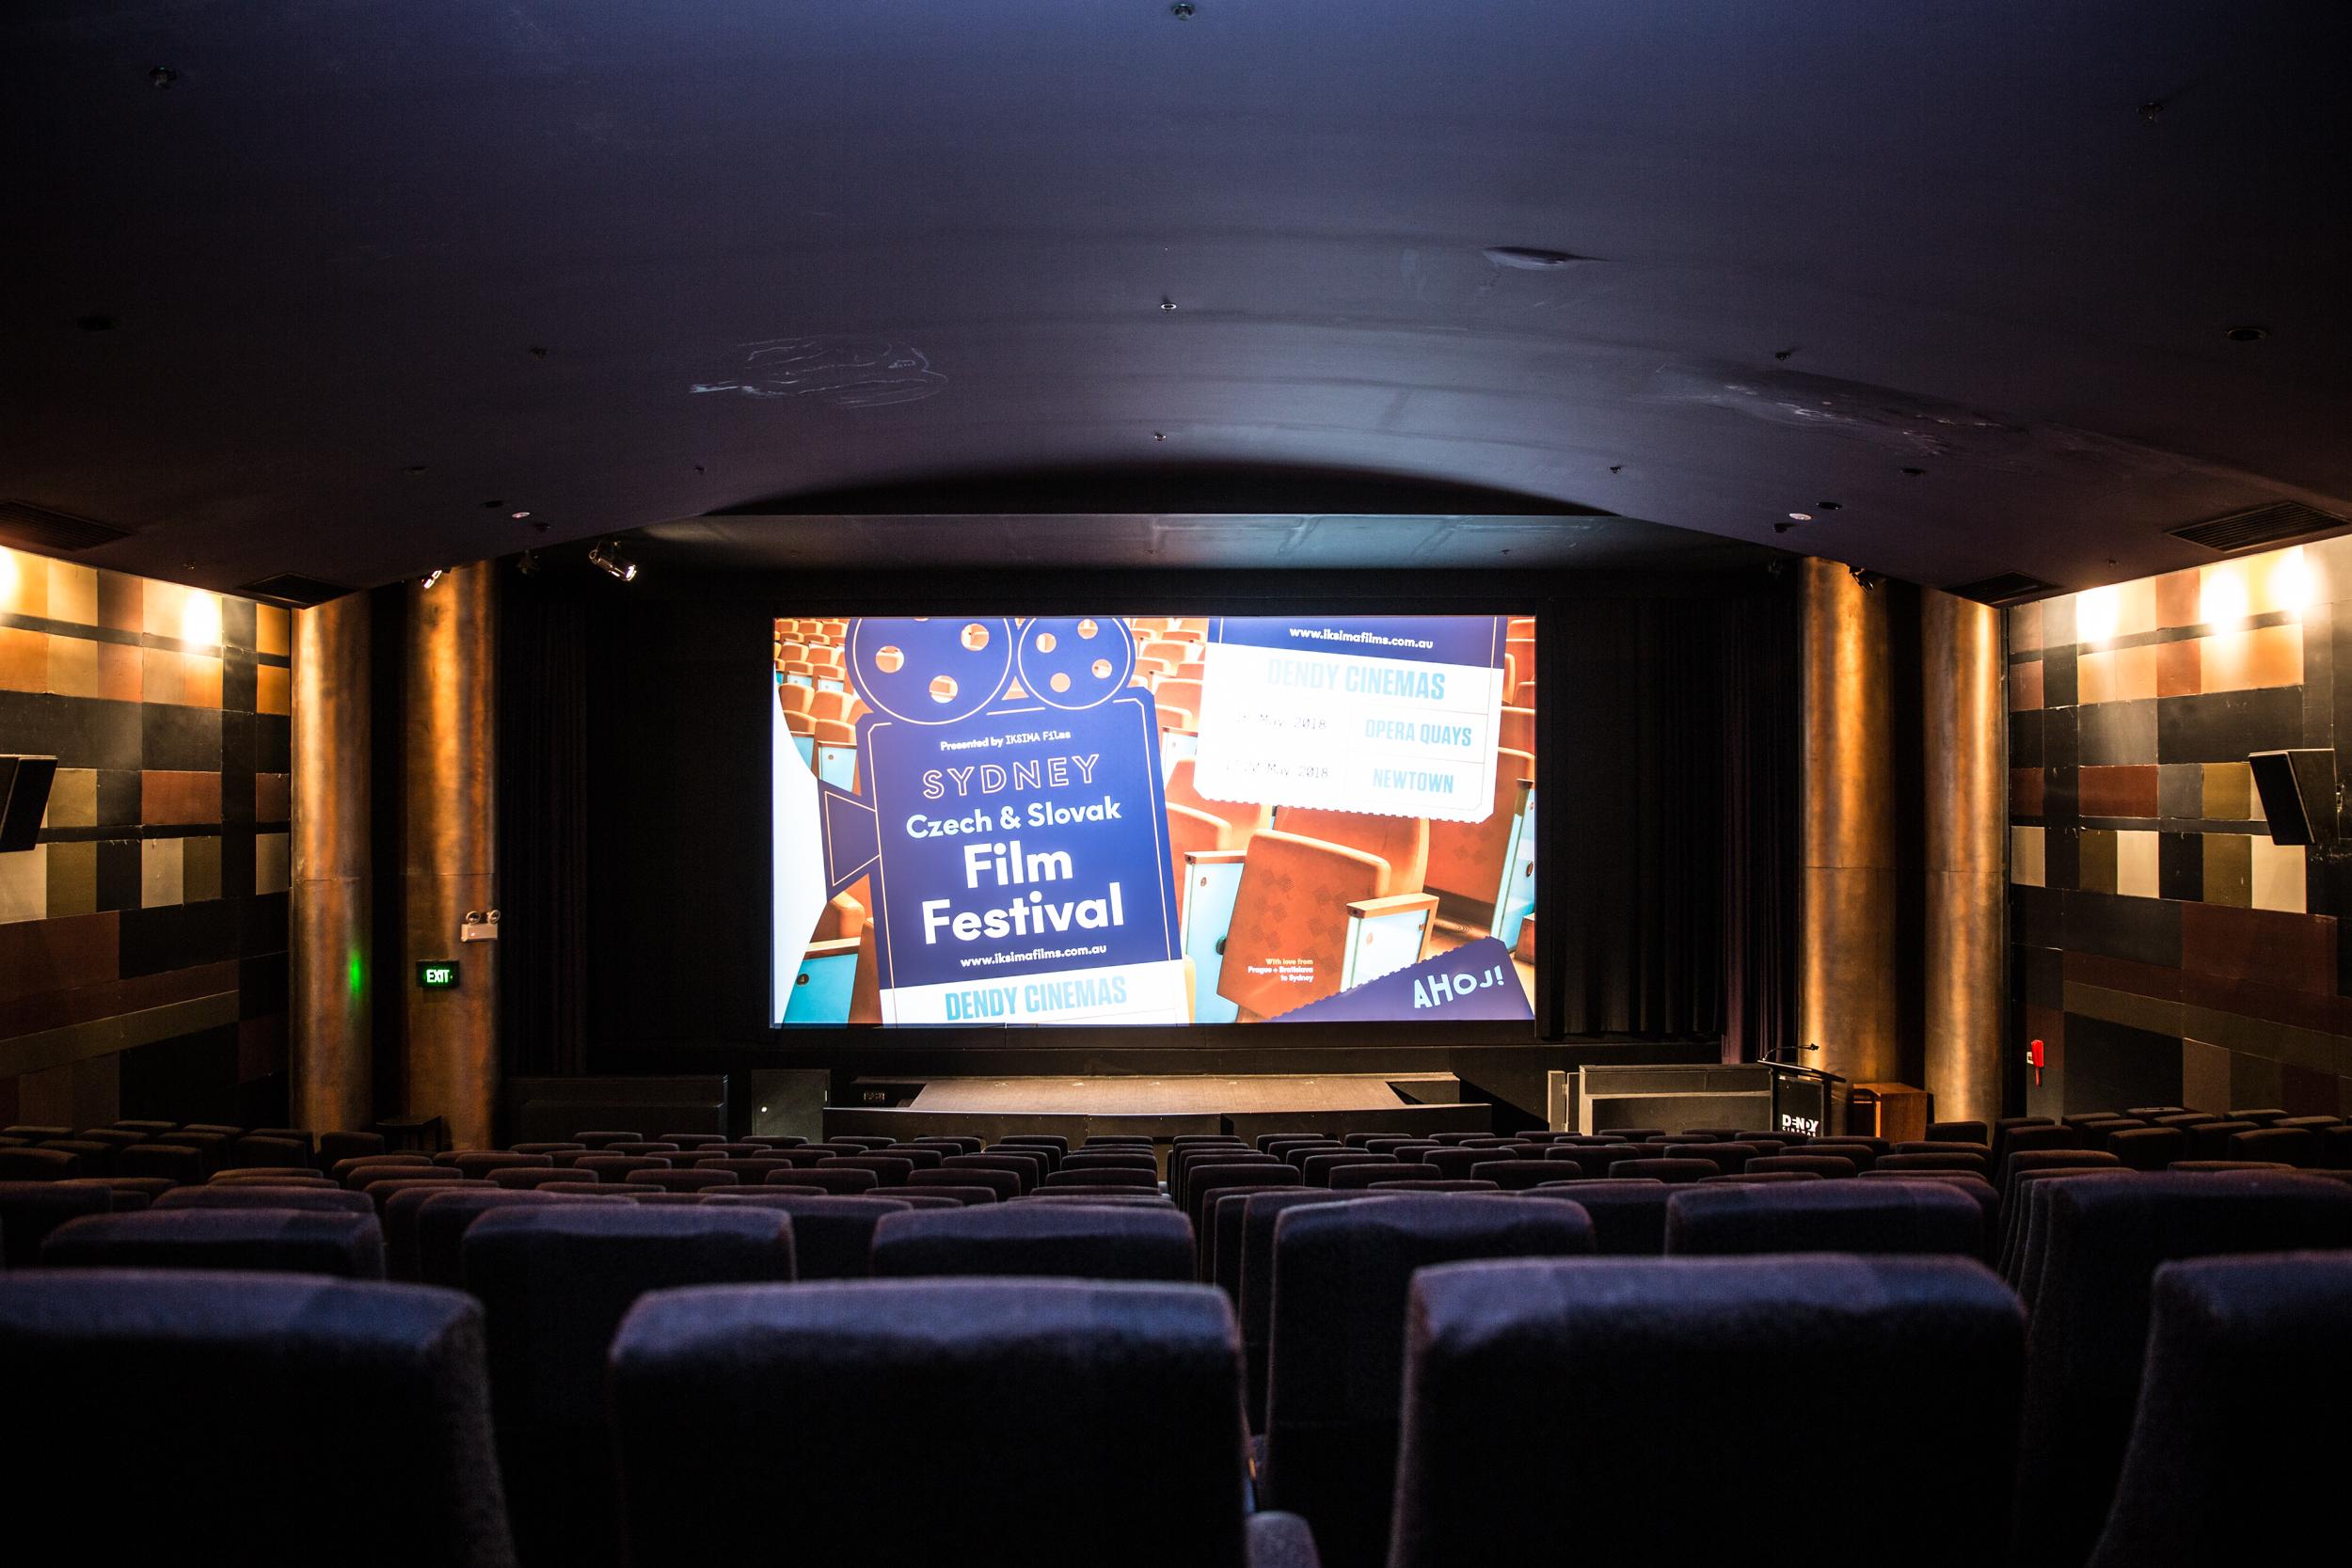 2 Czech & Slovak Film festival-19